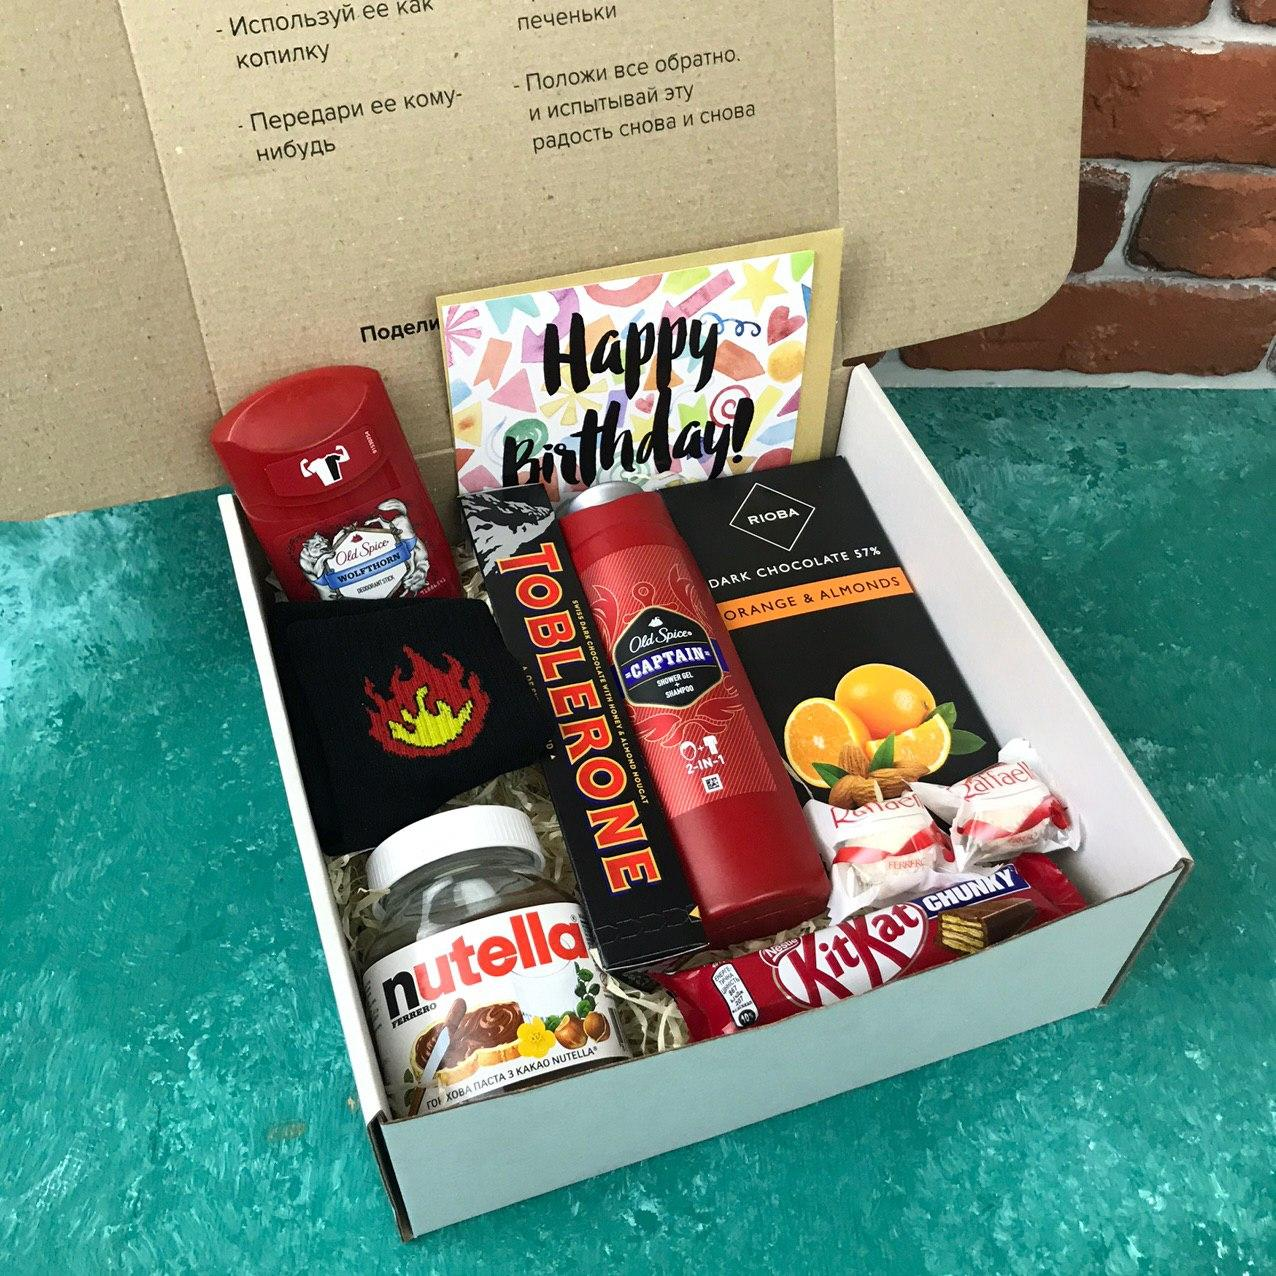 Подарочный Набор City-A Box Бокс для Мужчины из 10 ед №2885